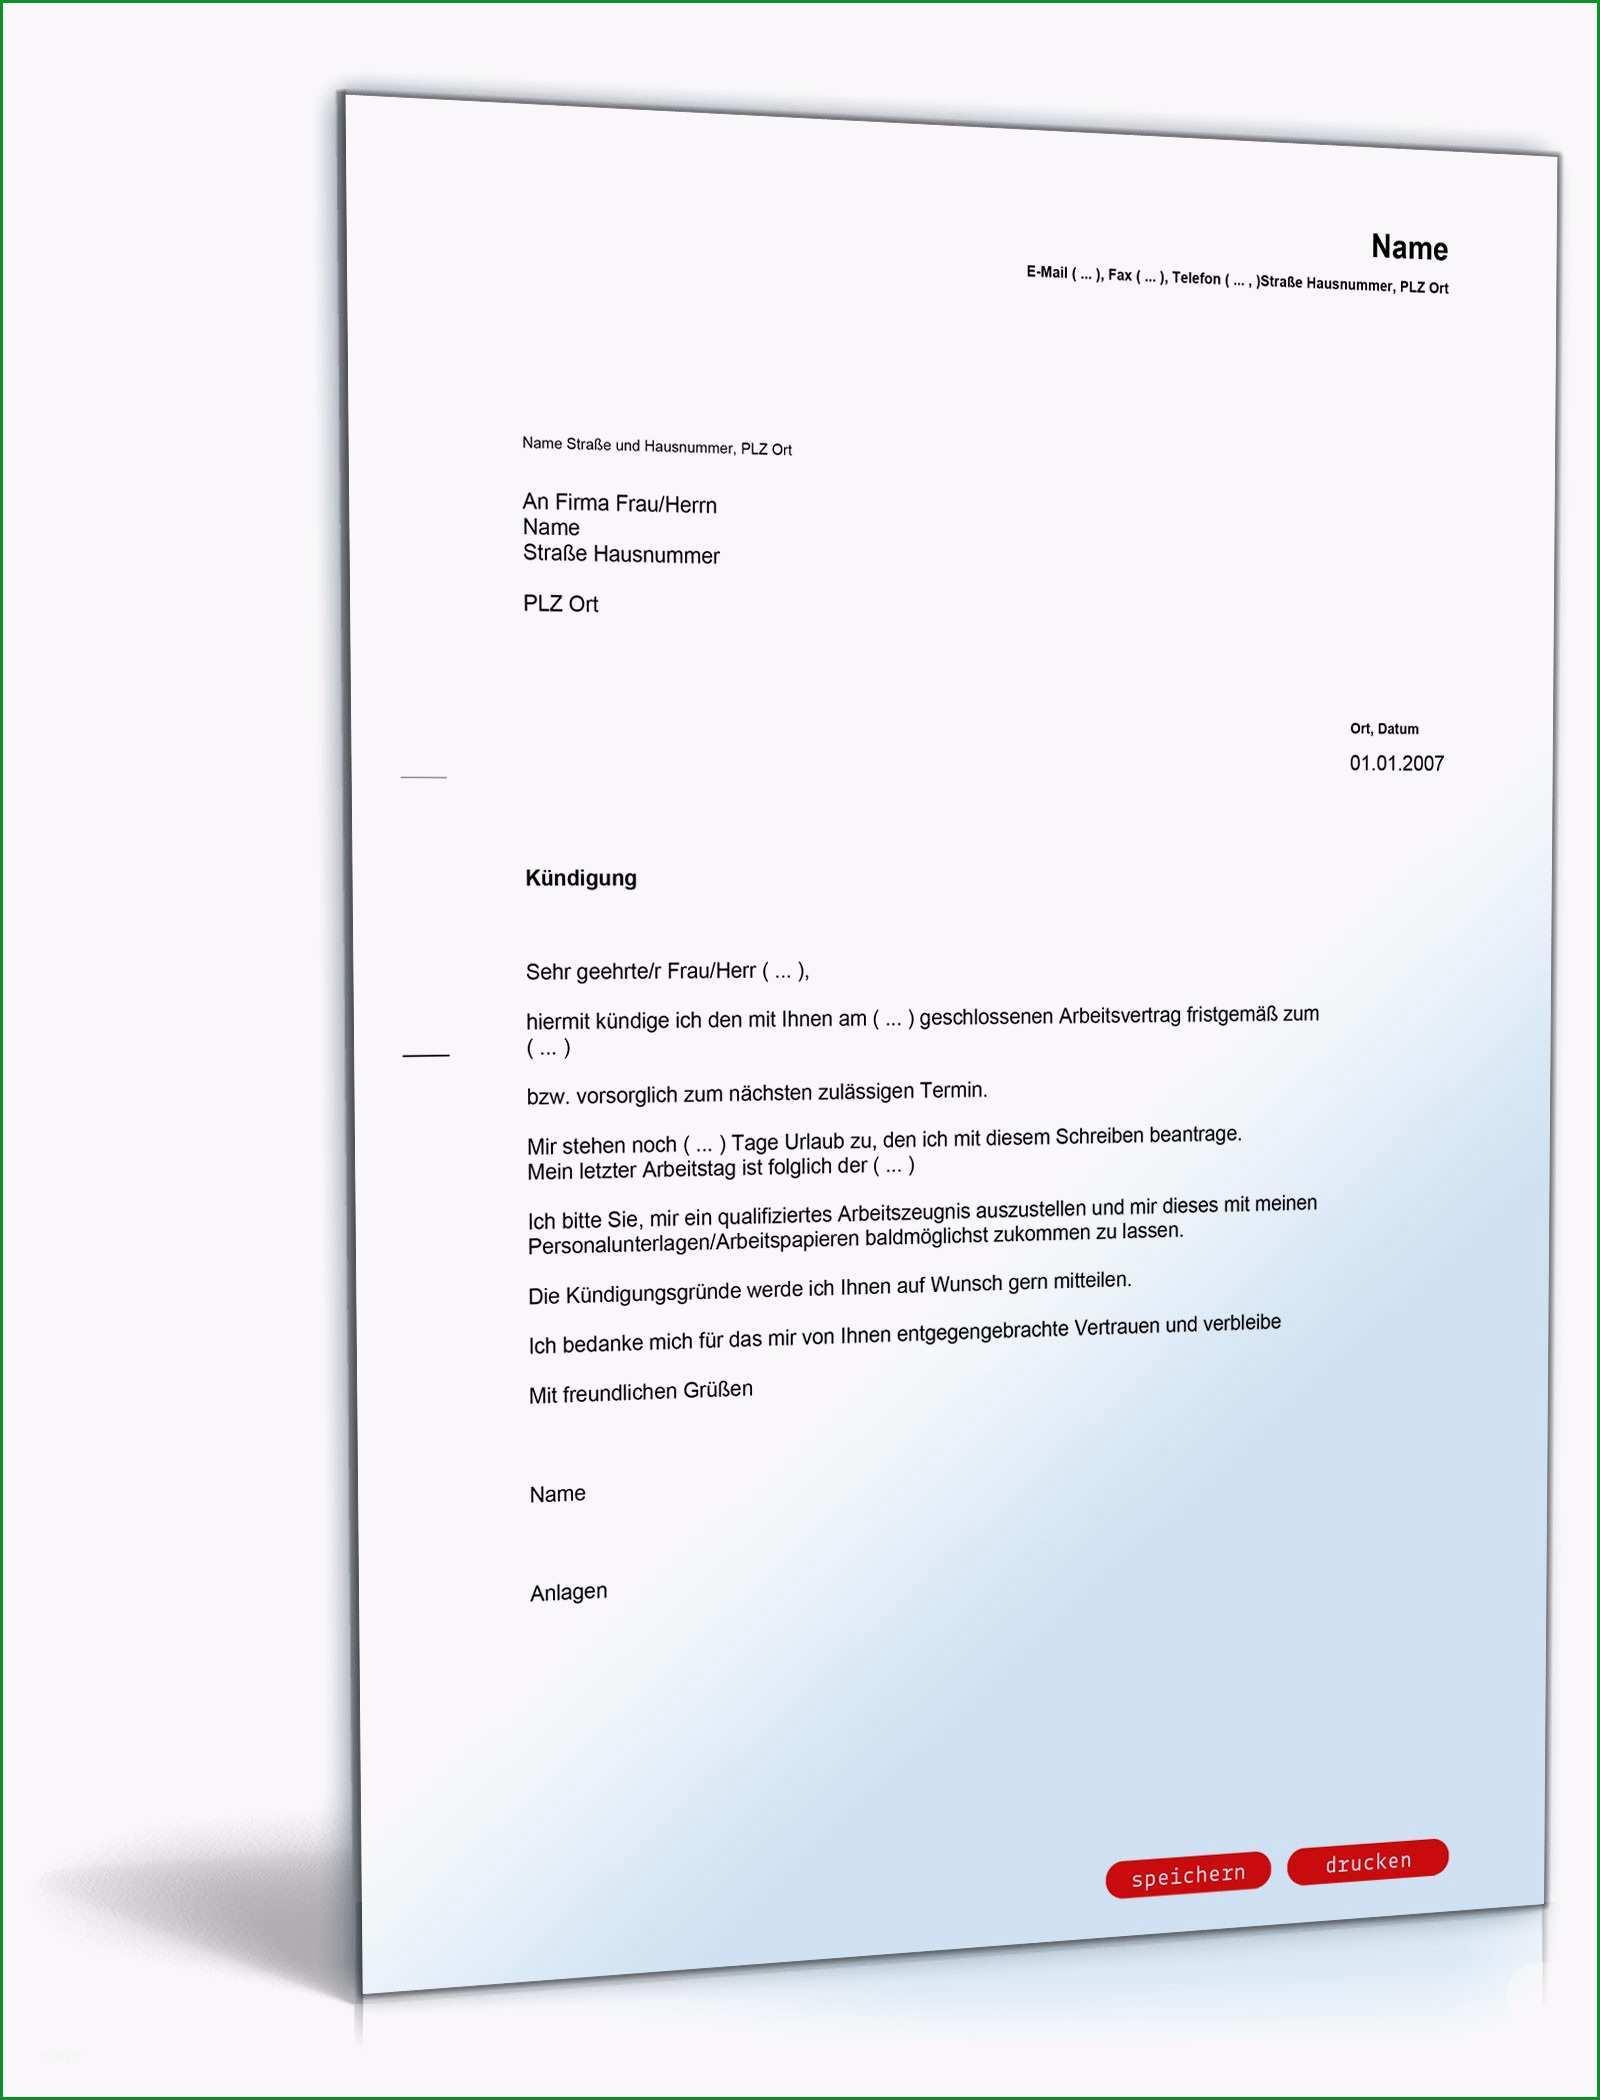 kuendigung arbeitsvertrag arbeitnehmer schweiz